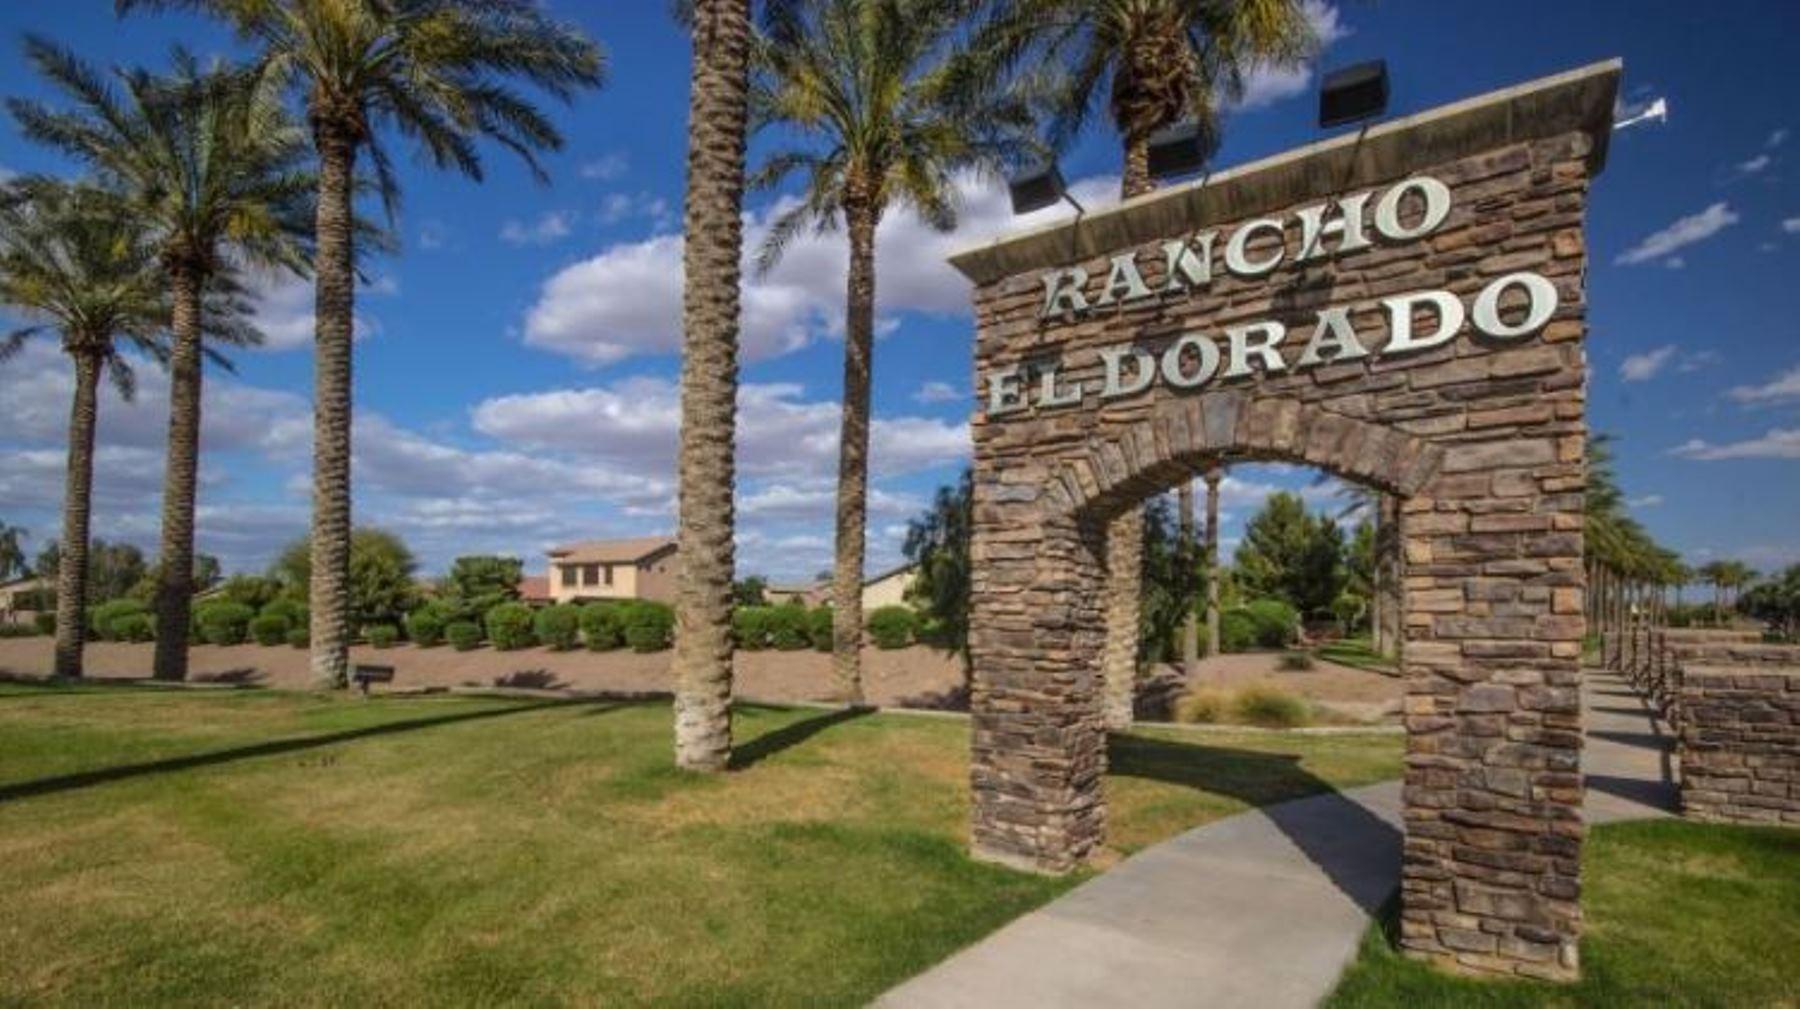 Rancho Eldorado